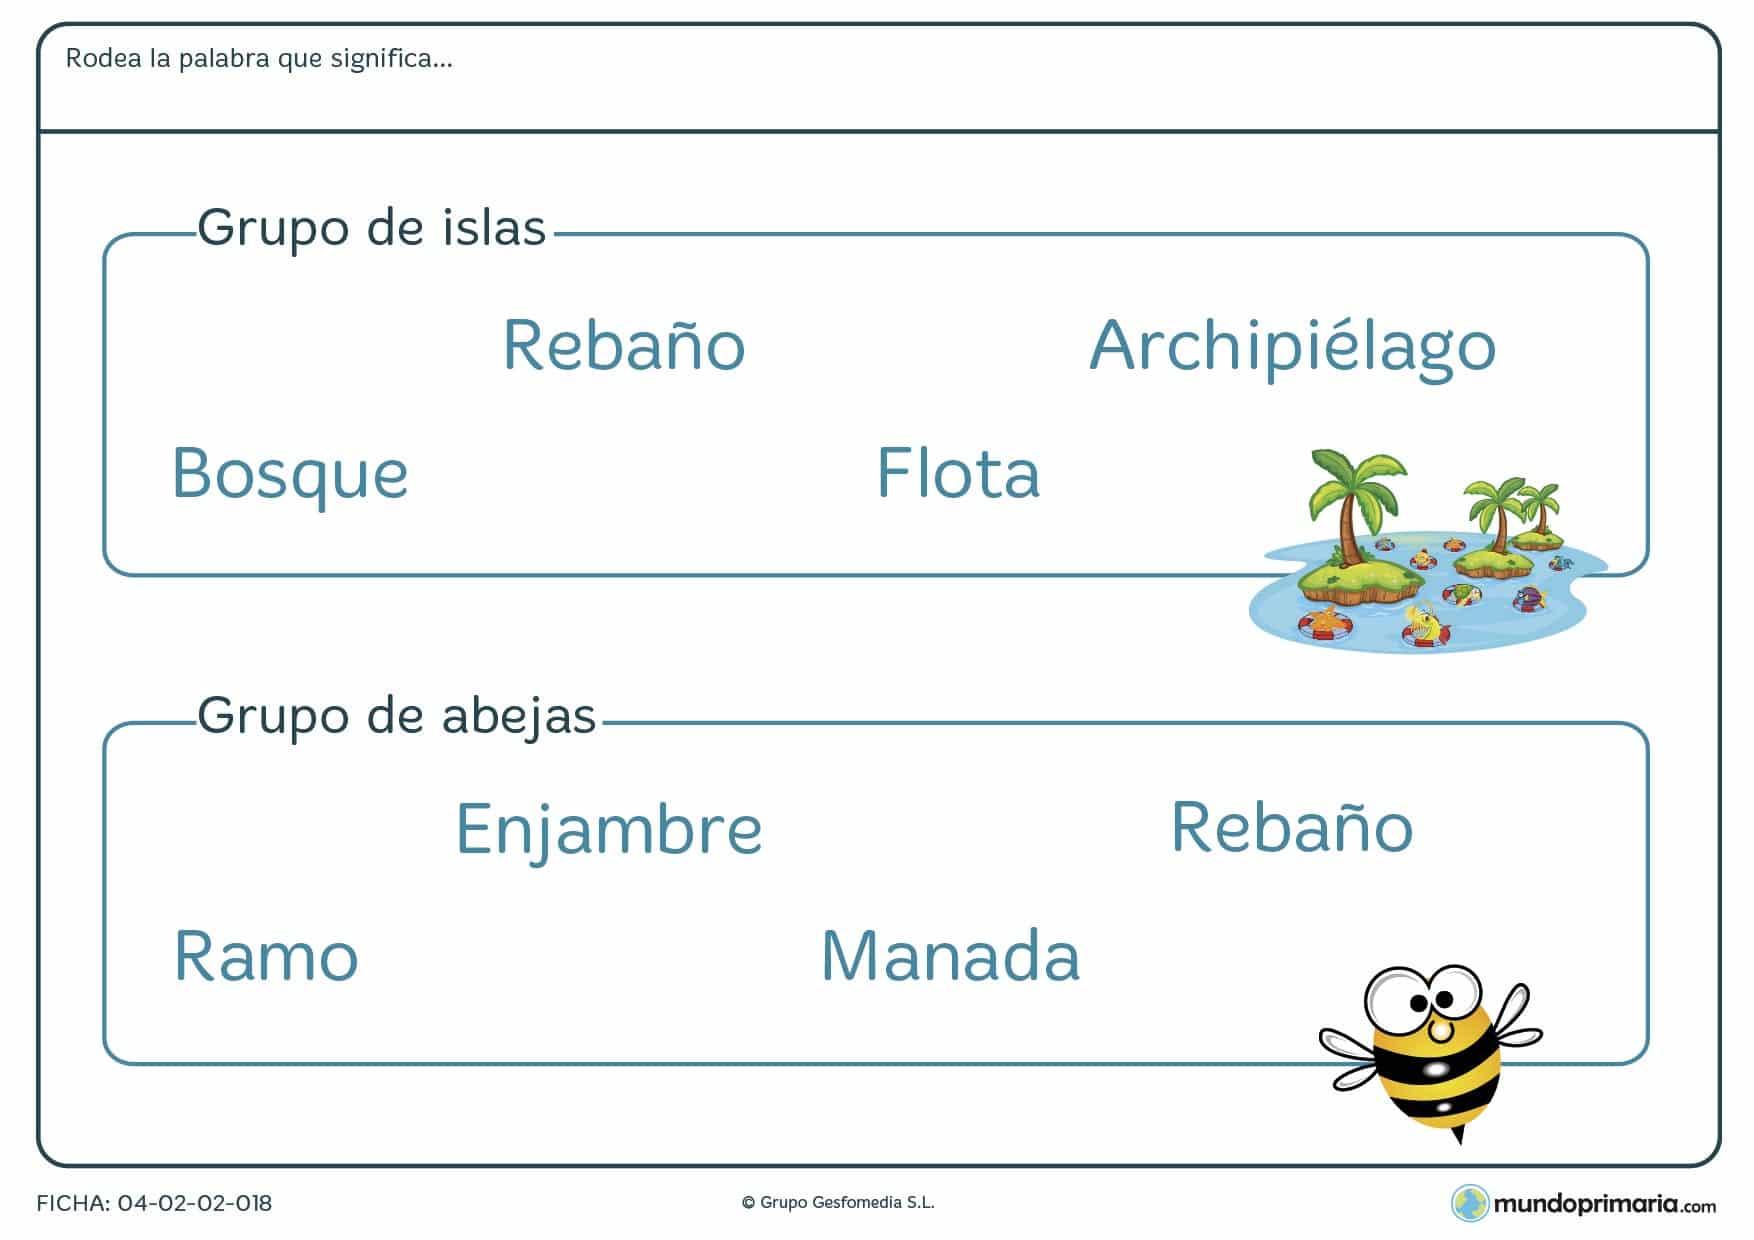 Ficha para niños de 7 a 8 años de palabras que se refieren a grupos de objetos en la que tendrás que identificar qué palabra designa al grupo de objetos especificado en el enunciado.